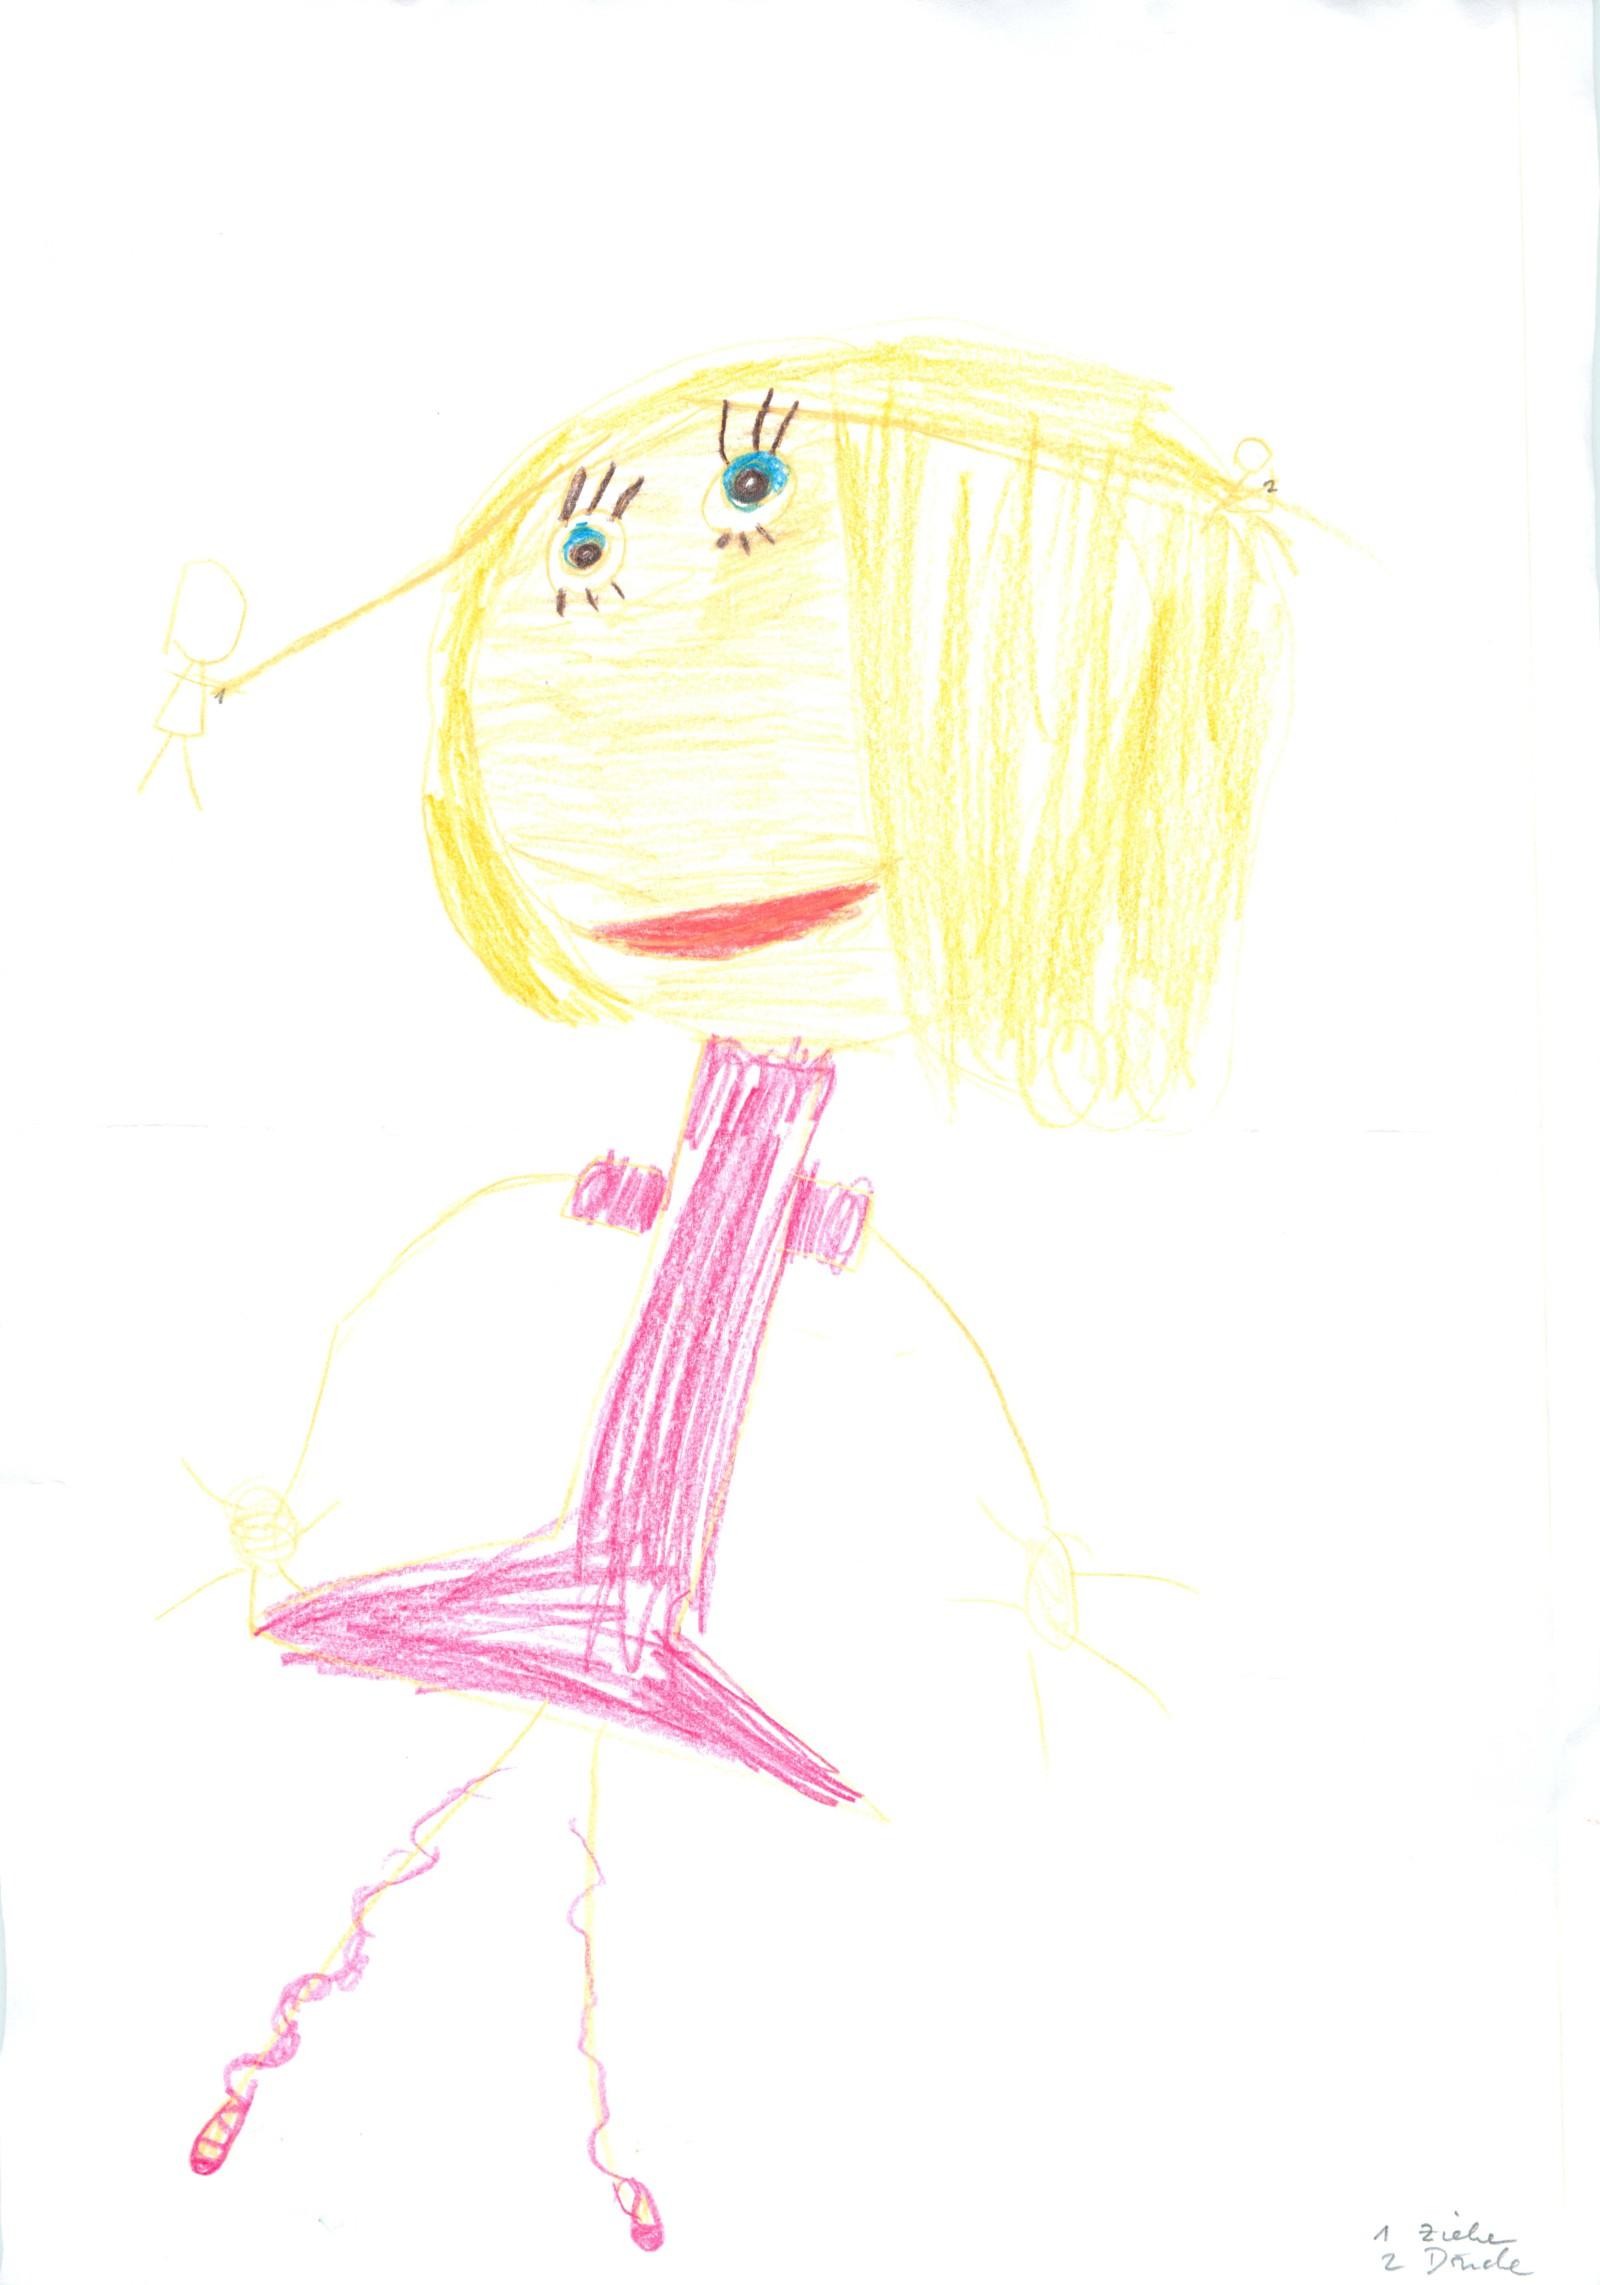 Anita 8 Jahre Spannungstypkopfschmerzen